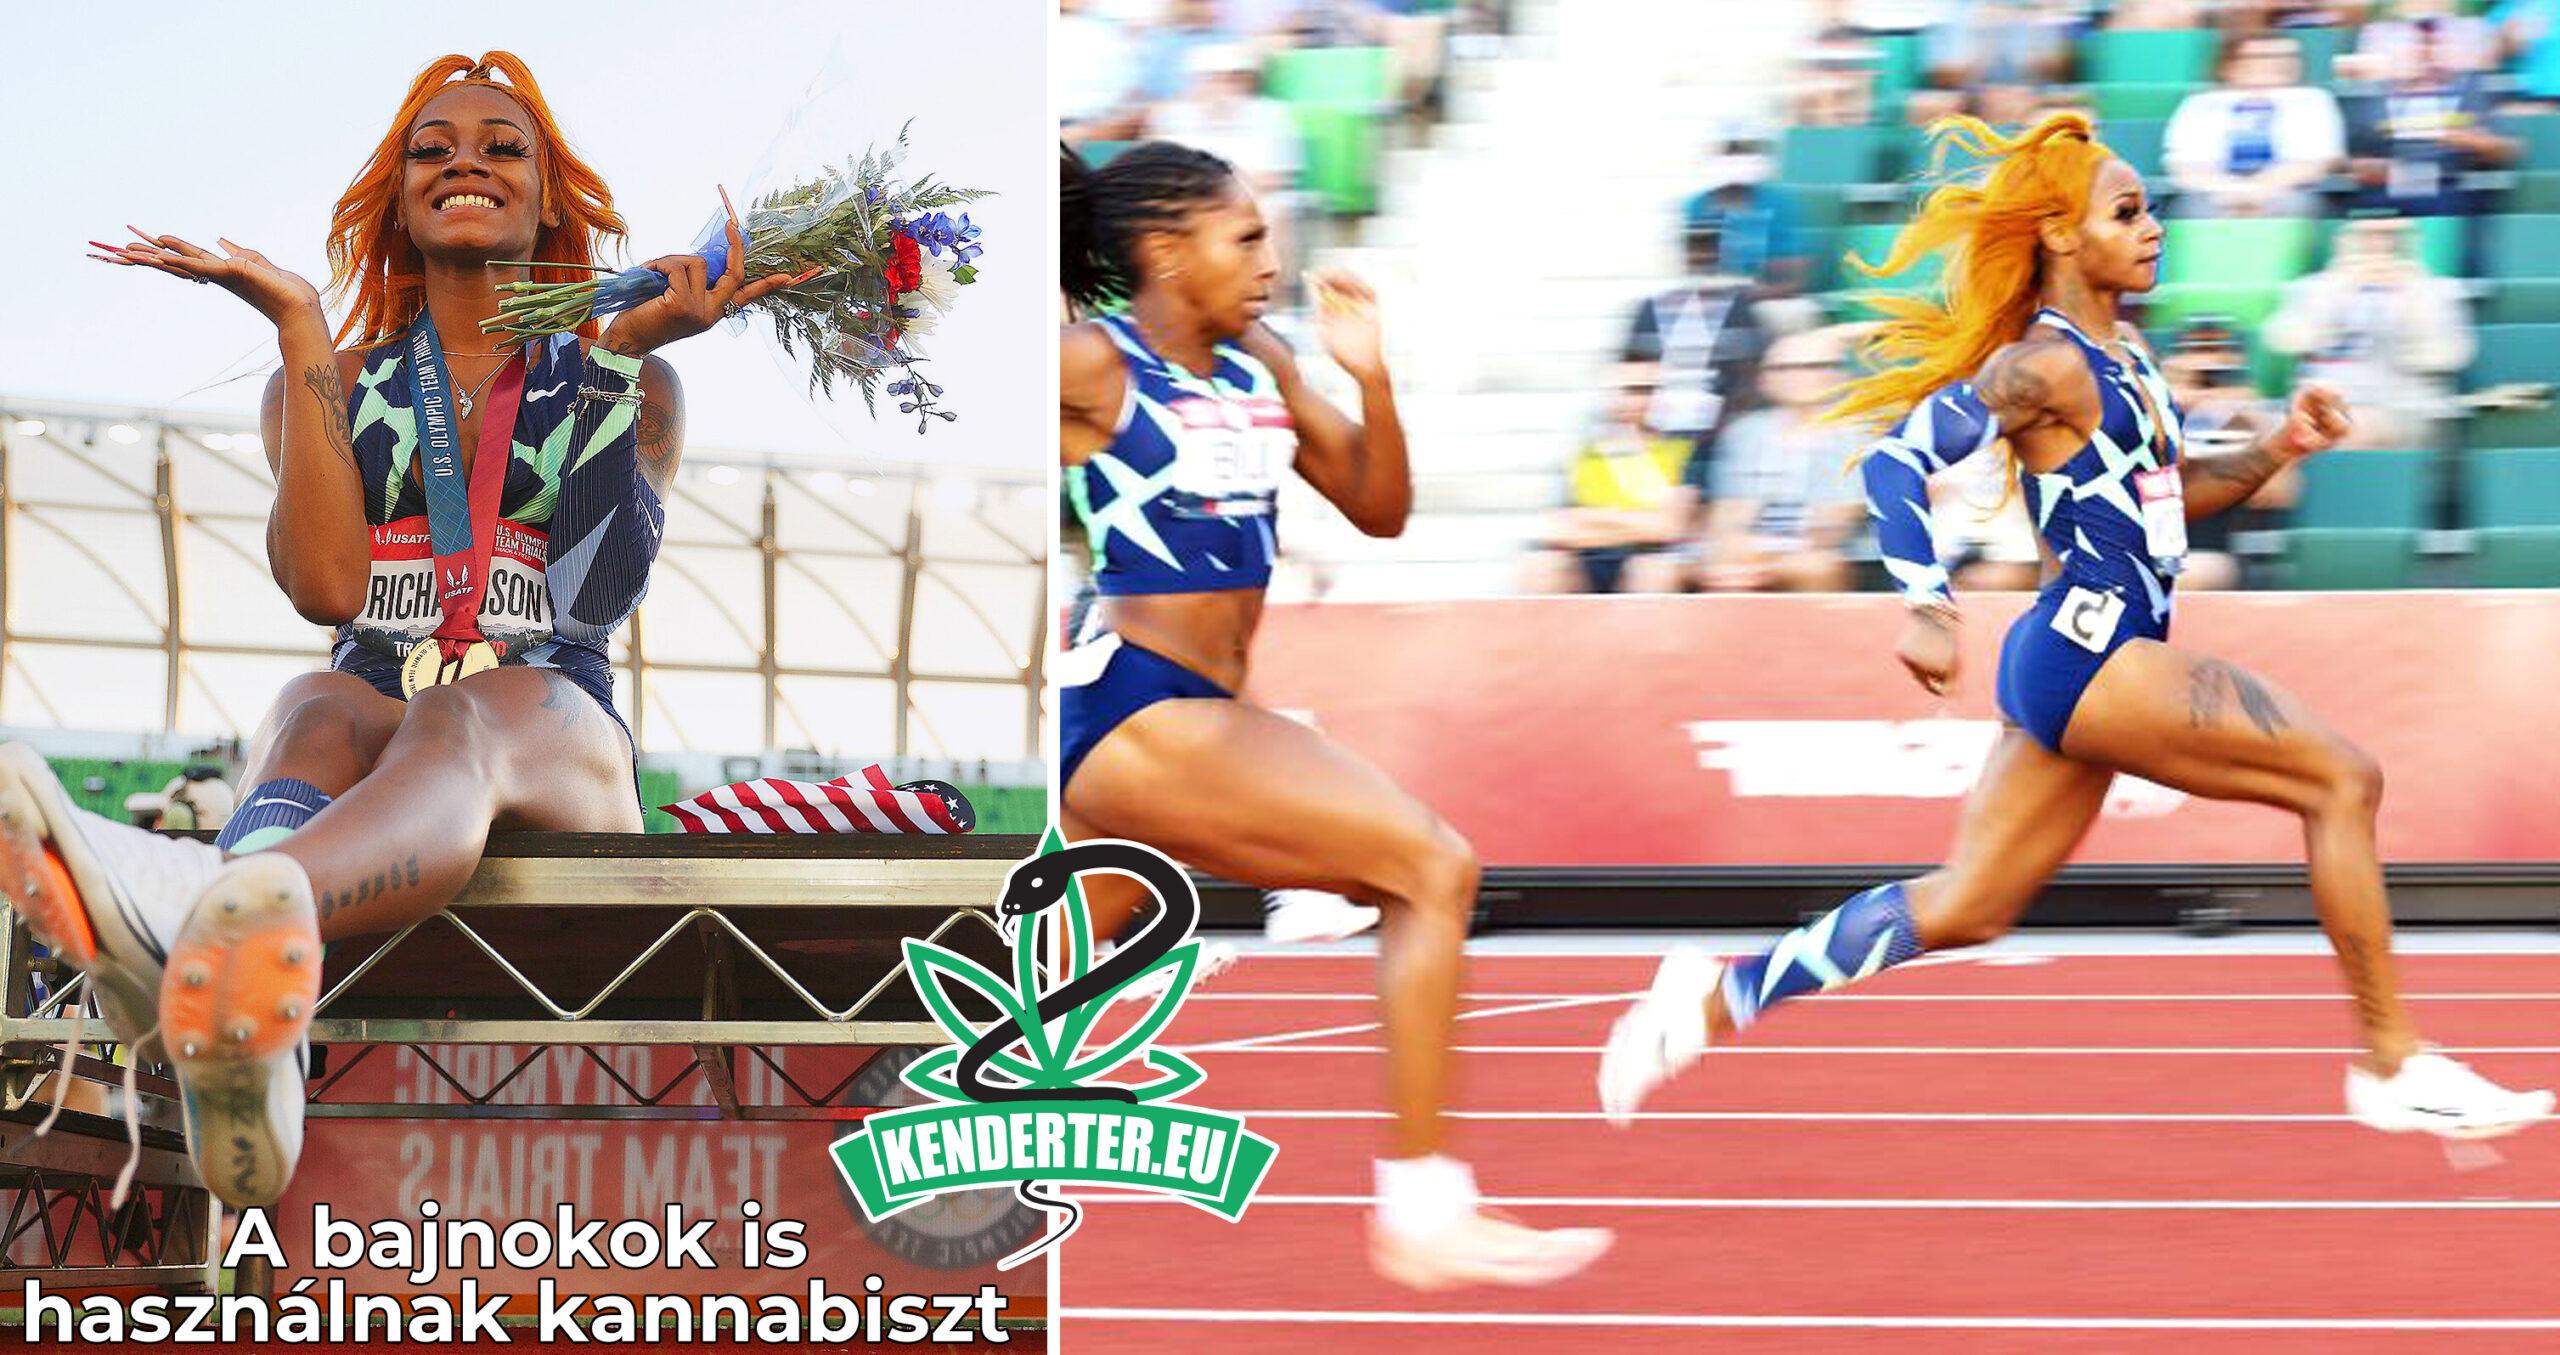 Pozitív lett Sha'Carri Richardson, az amerikai bajnok sprinter kannabisz tesztje.